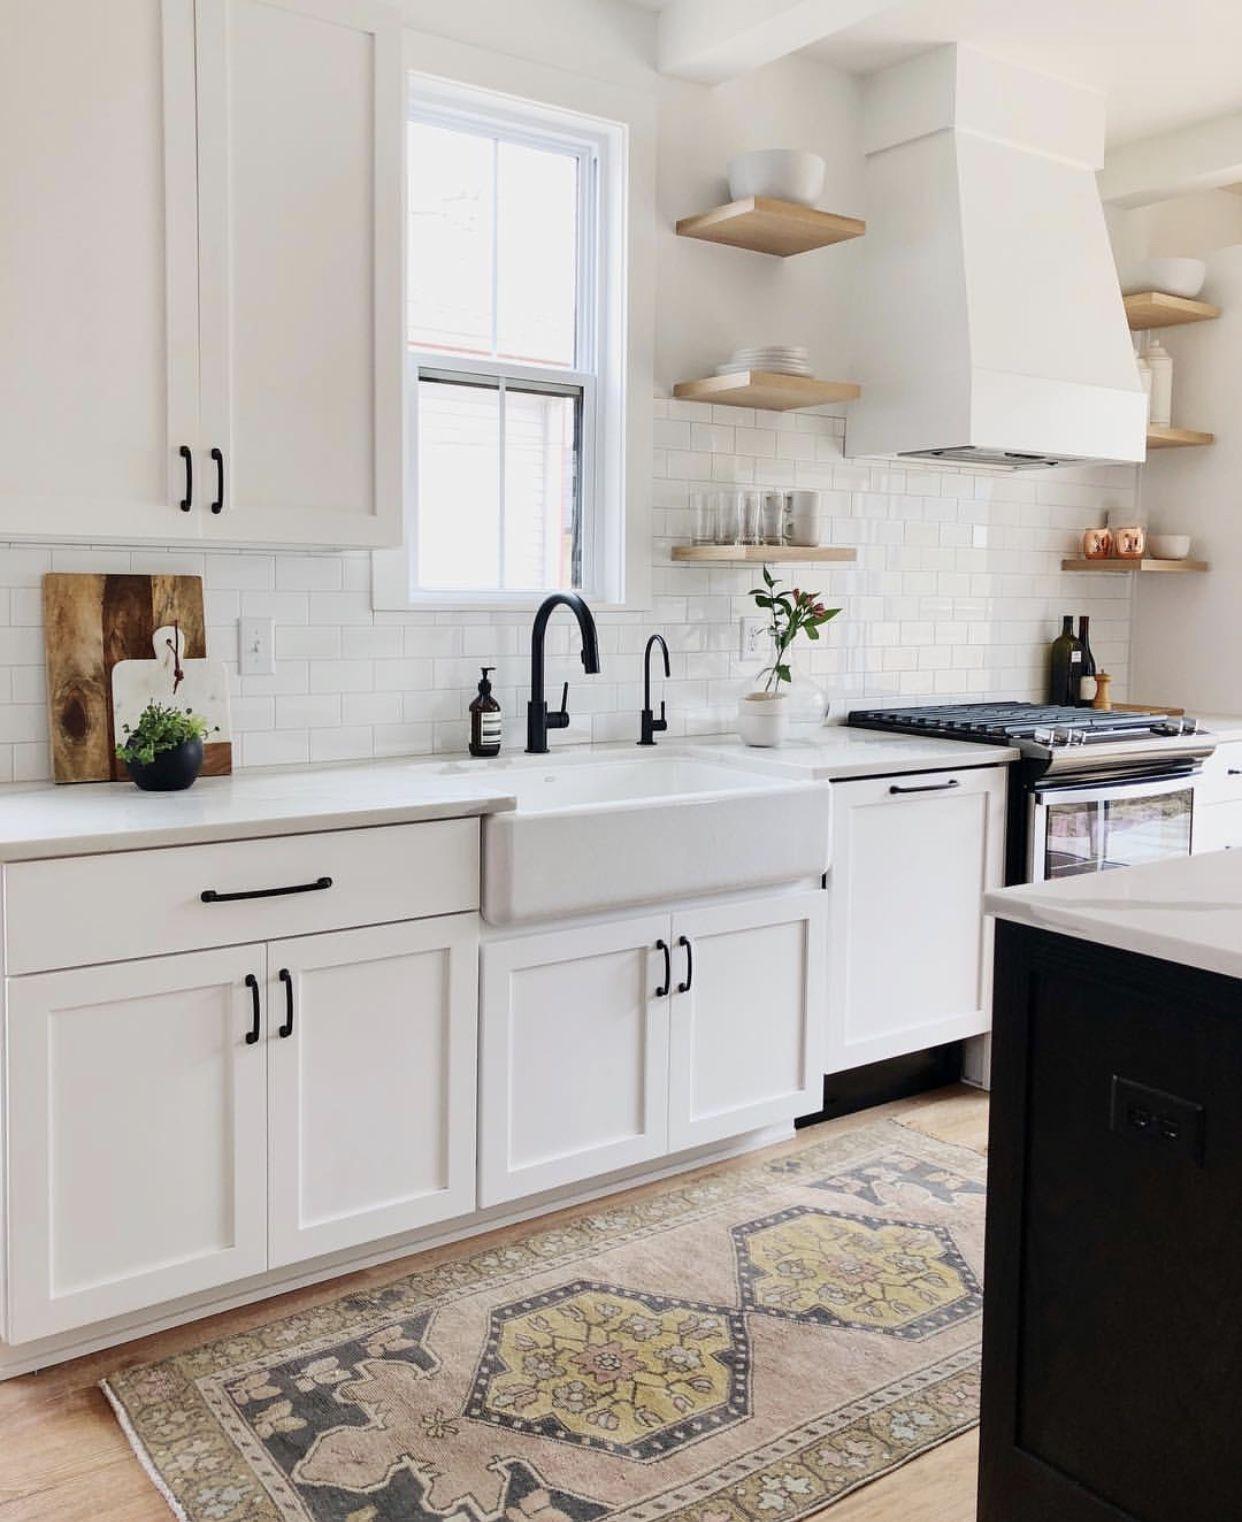 White Kitchen Cabinets With Black Hardware: Pin Lisääjältä Heidi Alina Taulussa Home Decor